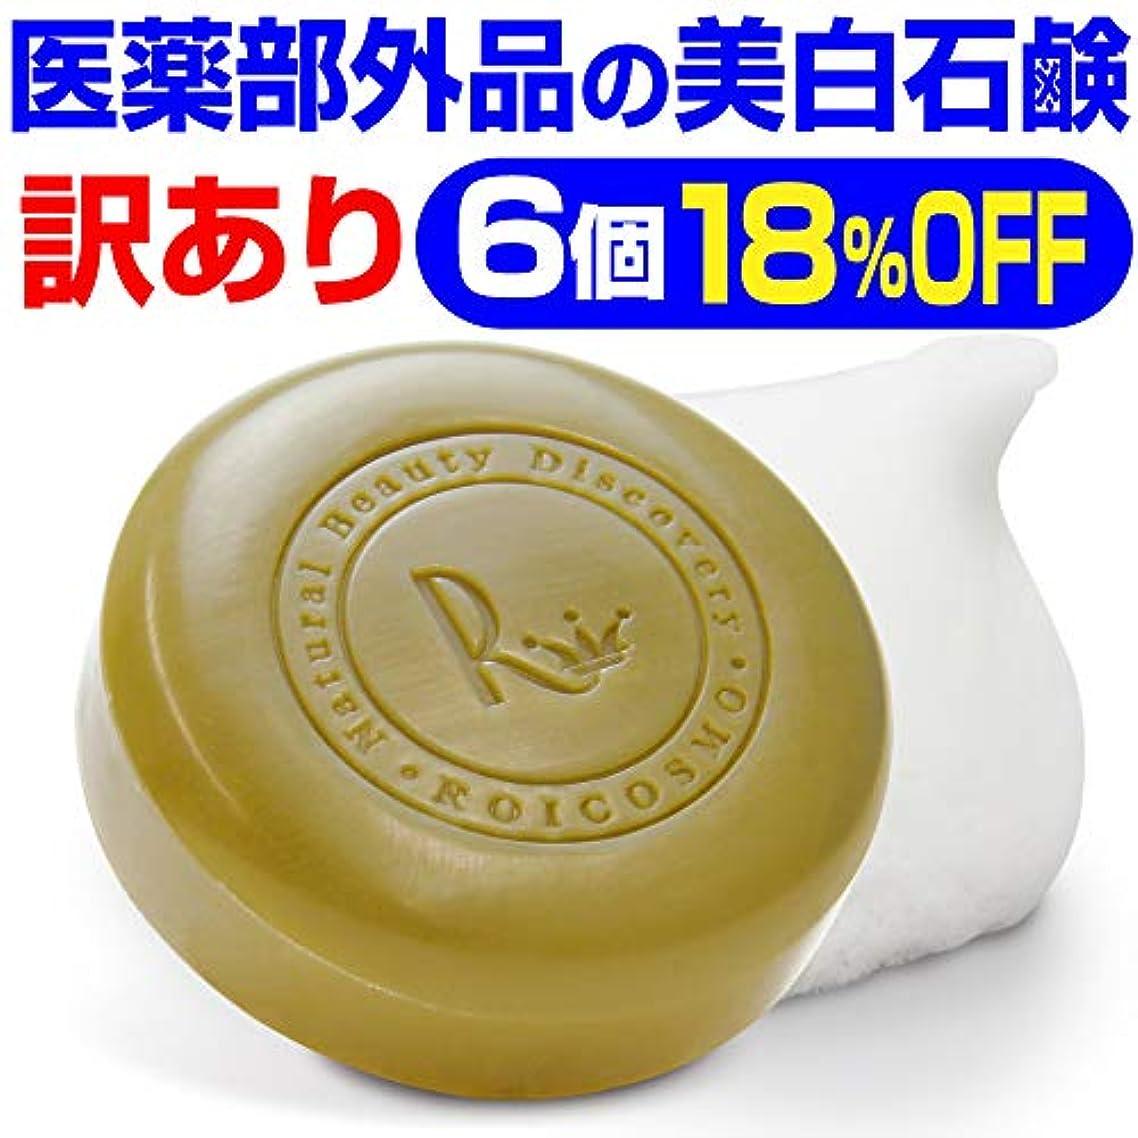 眉原因ぐったり訳あり18%OFF(1個2,197円)売切れ御免 ビタミンC270倍の美白成分の 洗顔石鹸『ホワイトソープ100g×6個』